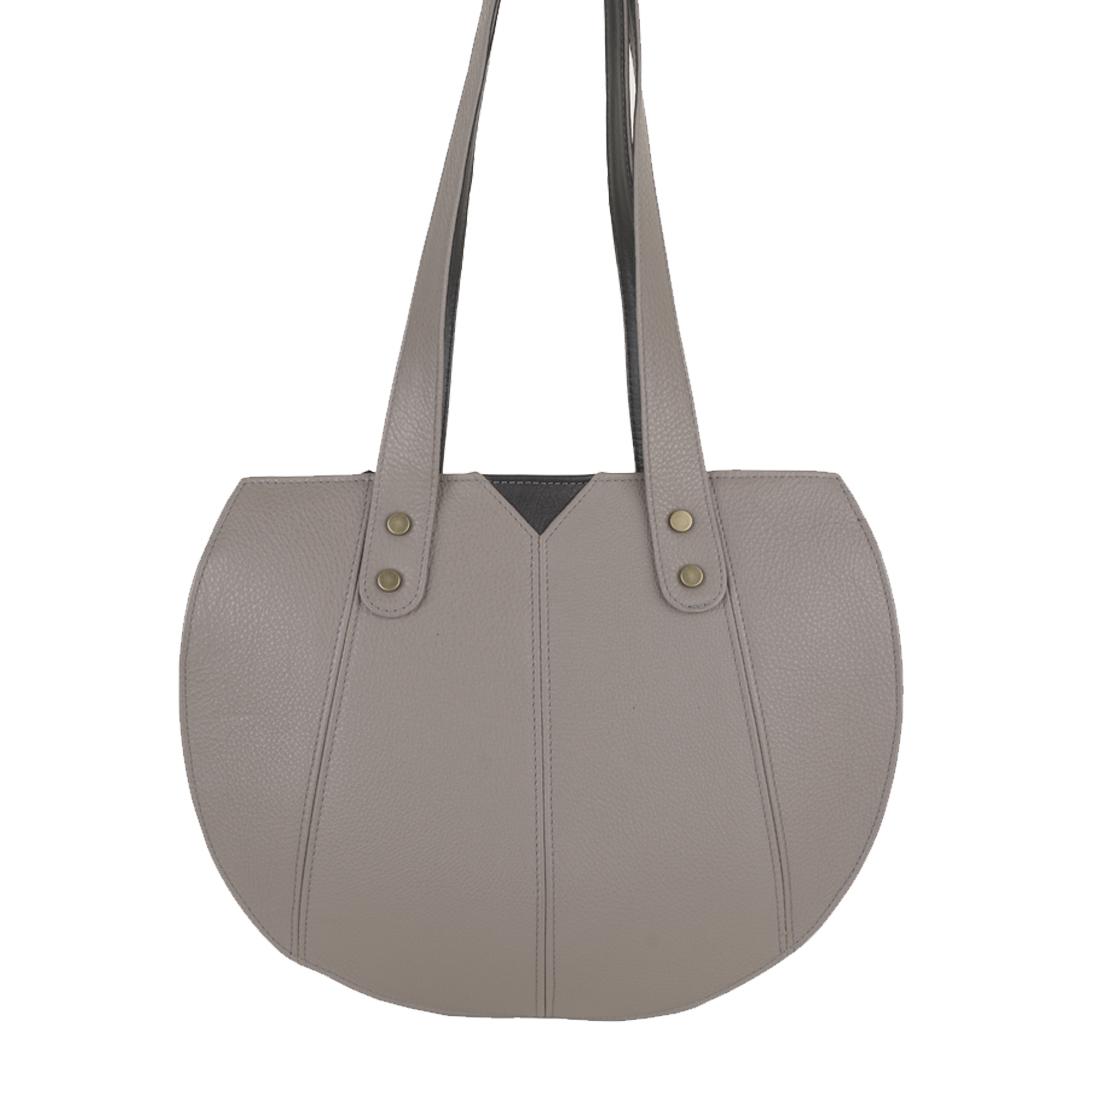 Carrie Zinco Leather Shoulder Bag